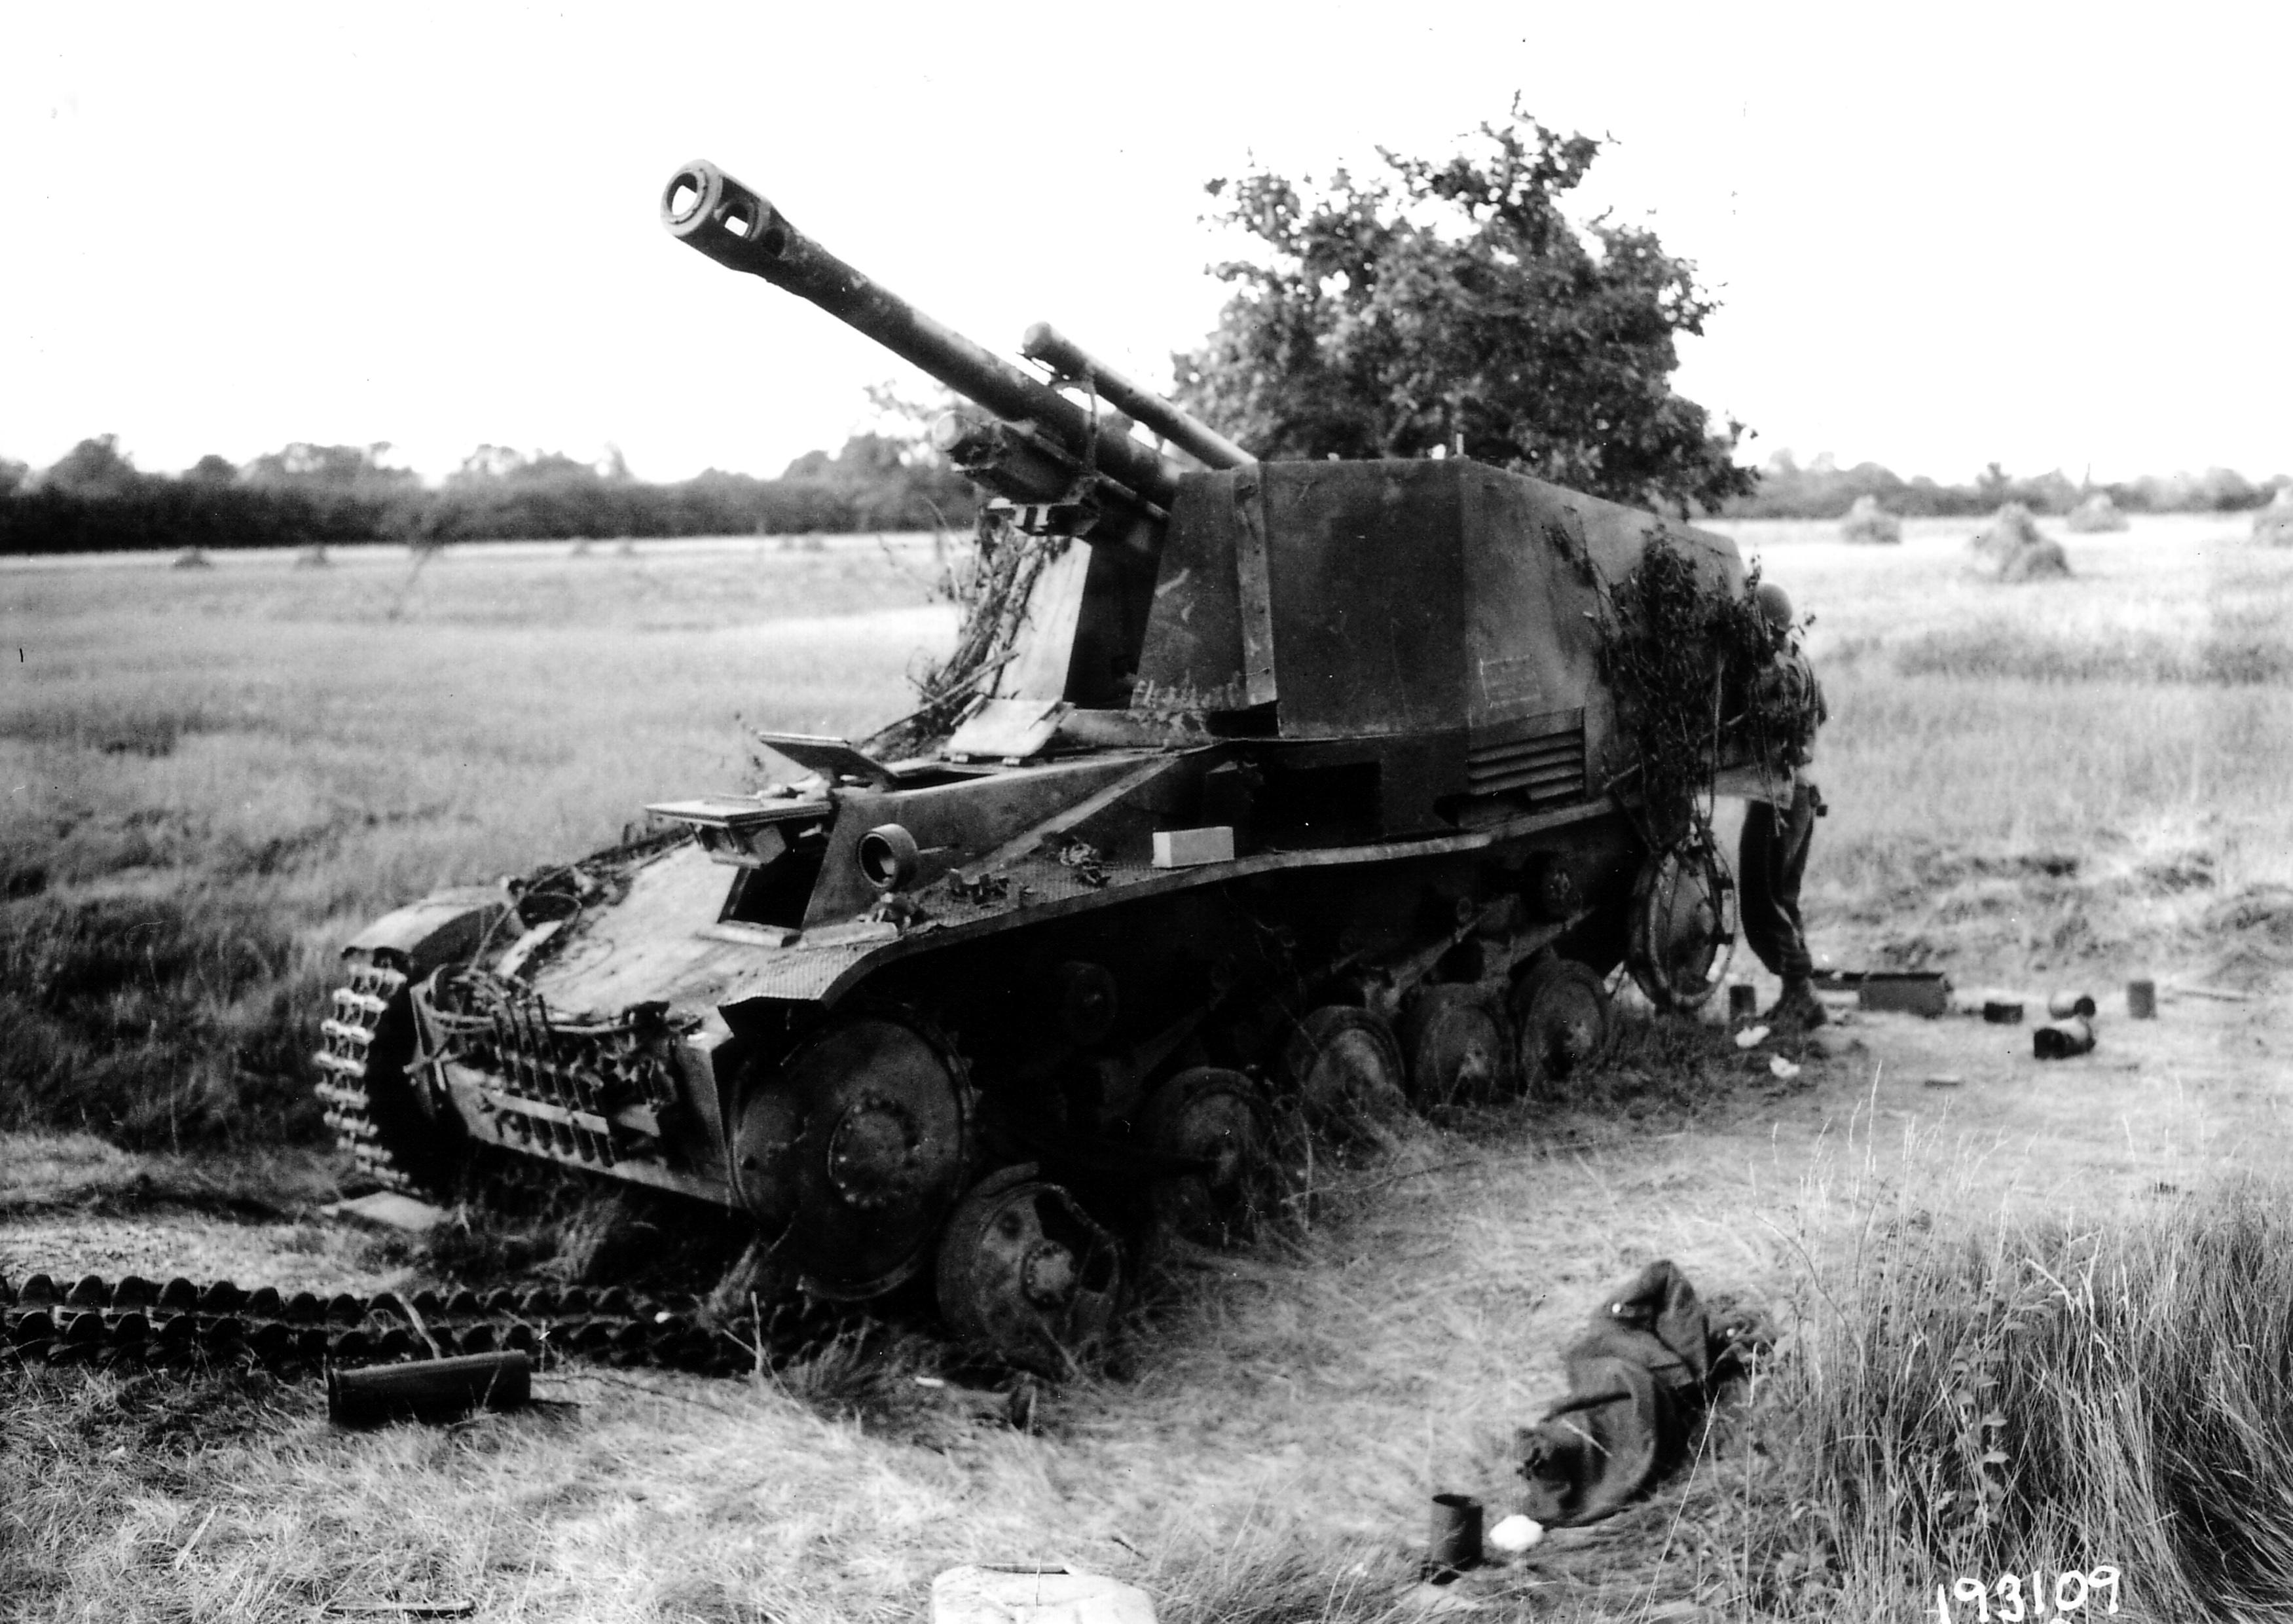 видео техника военная немецкая фото